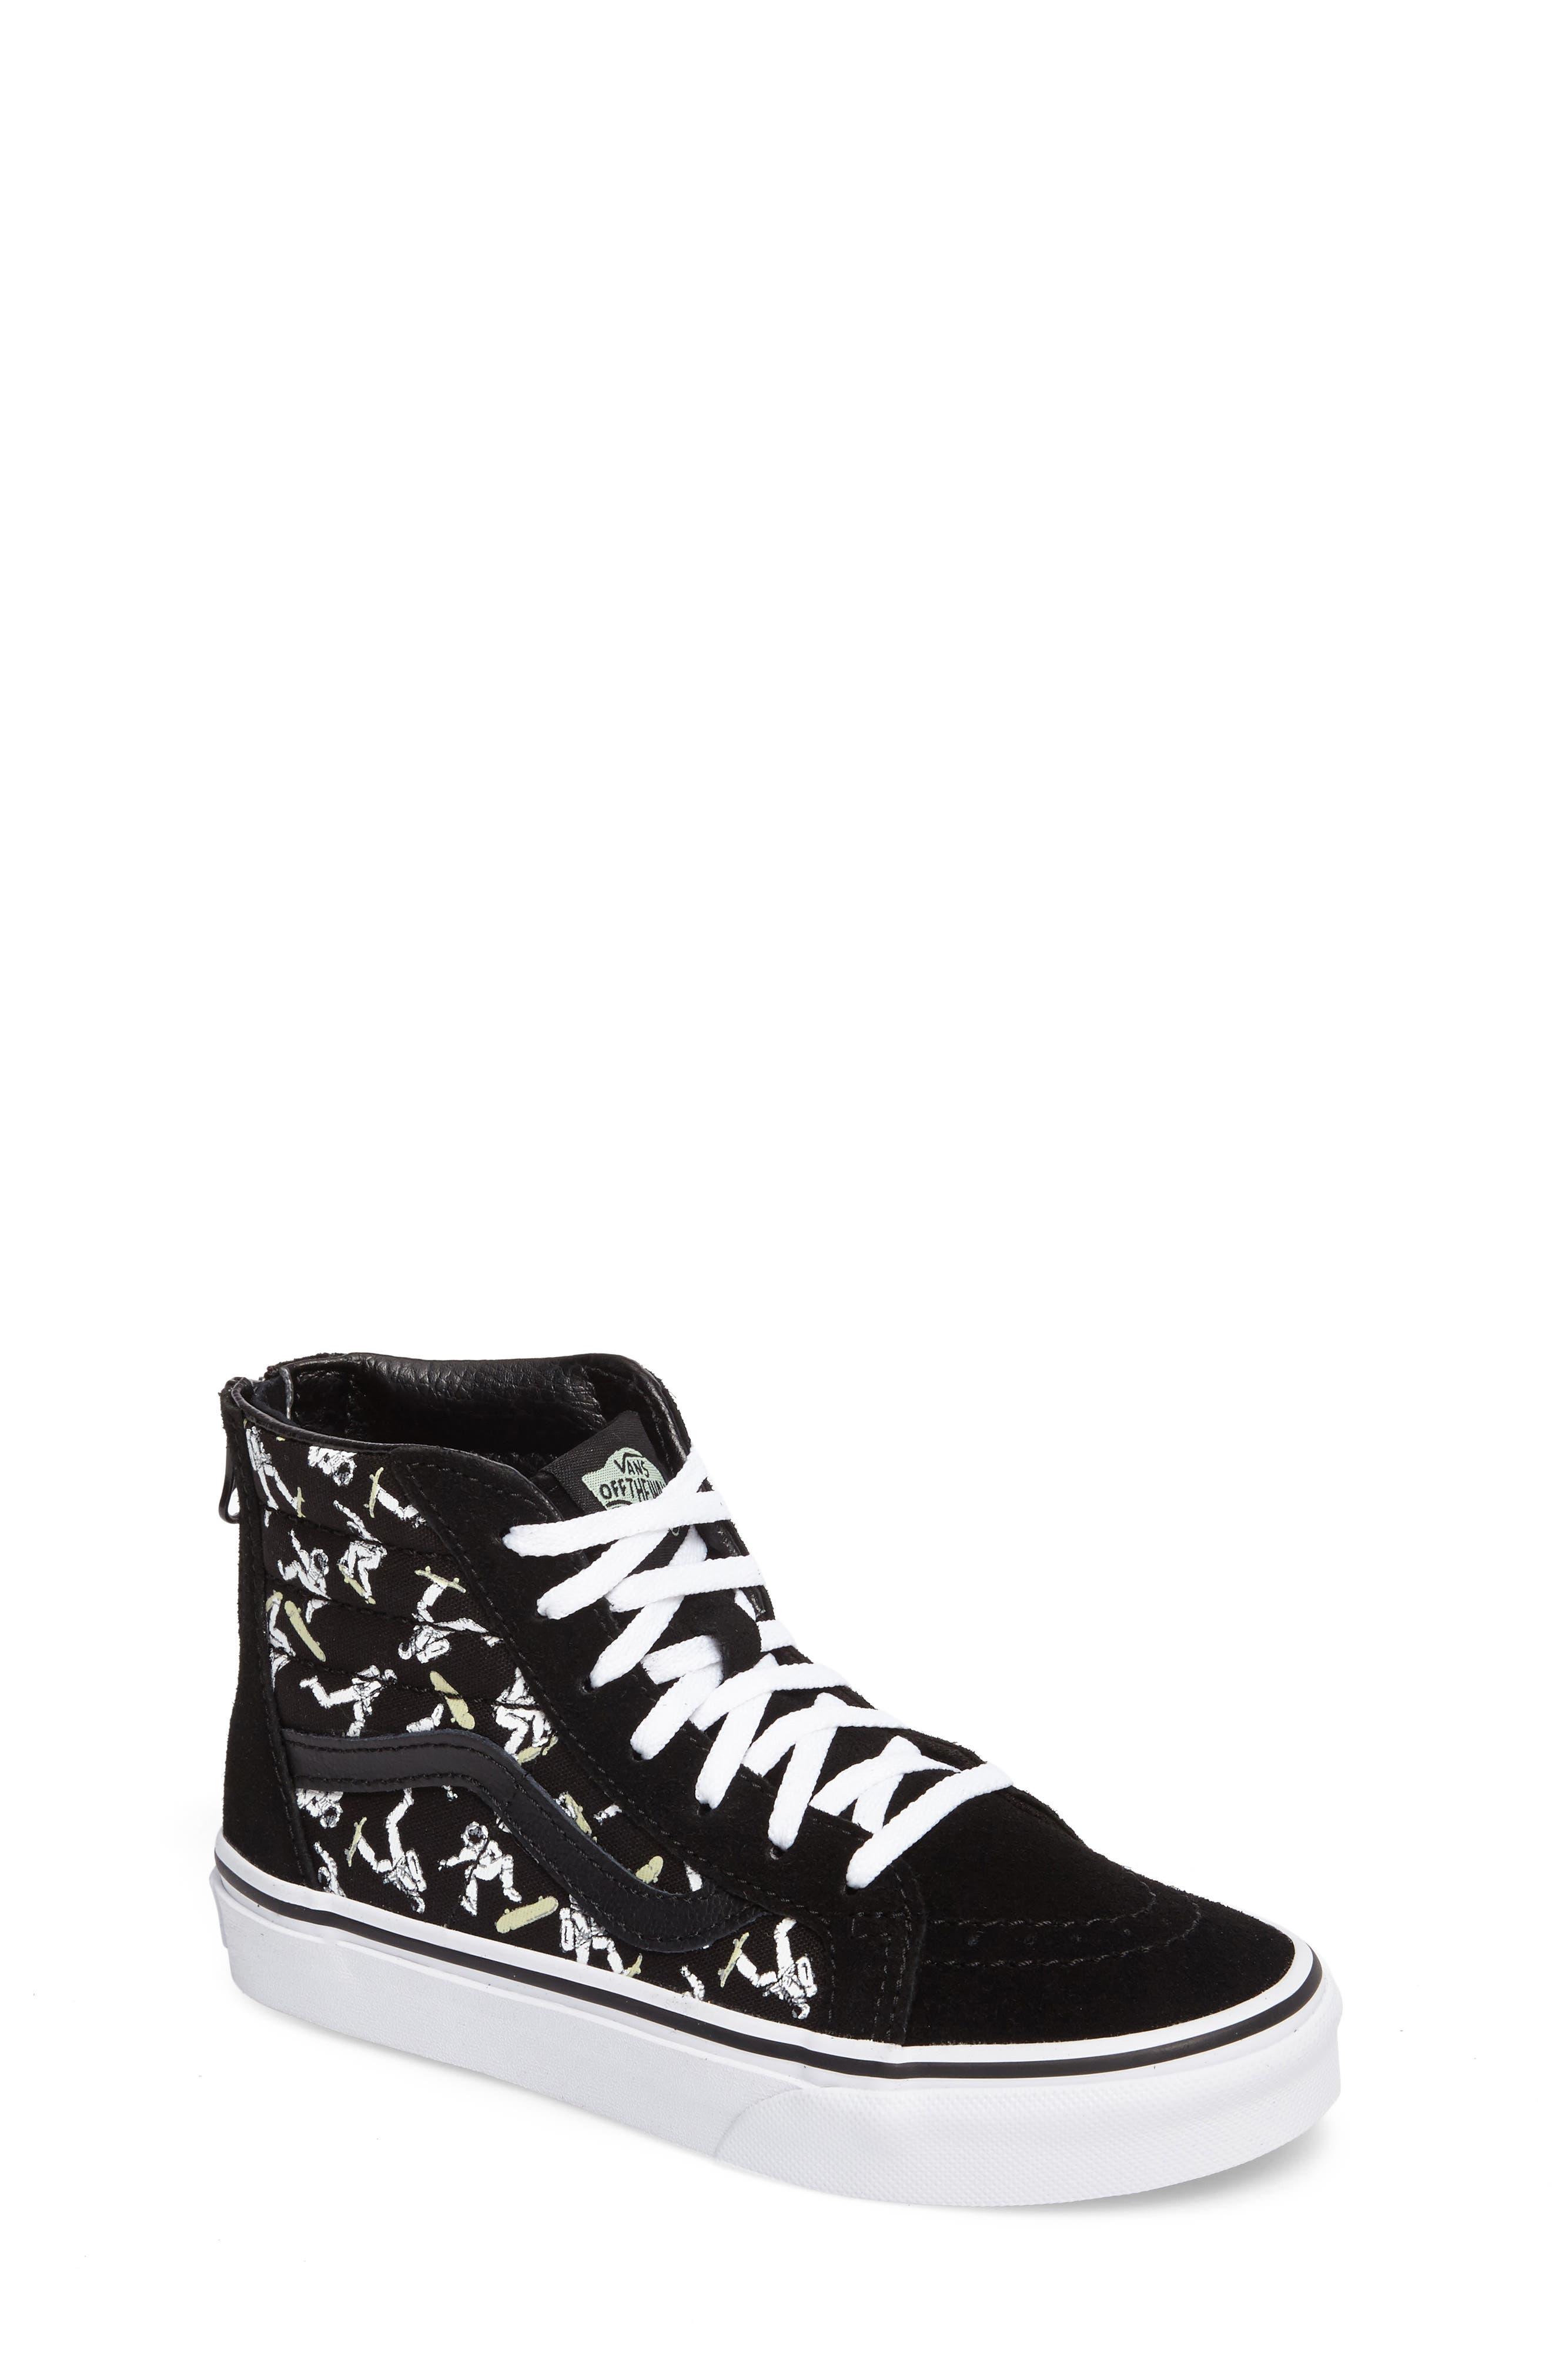 SK8-Hi Zip Astronaut Sneaker,                         Main,                         color,